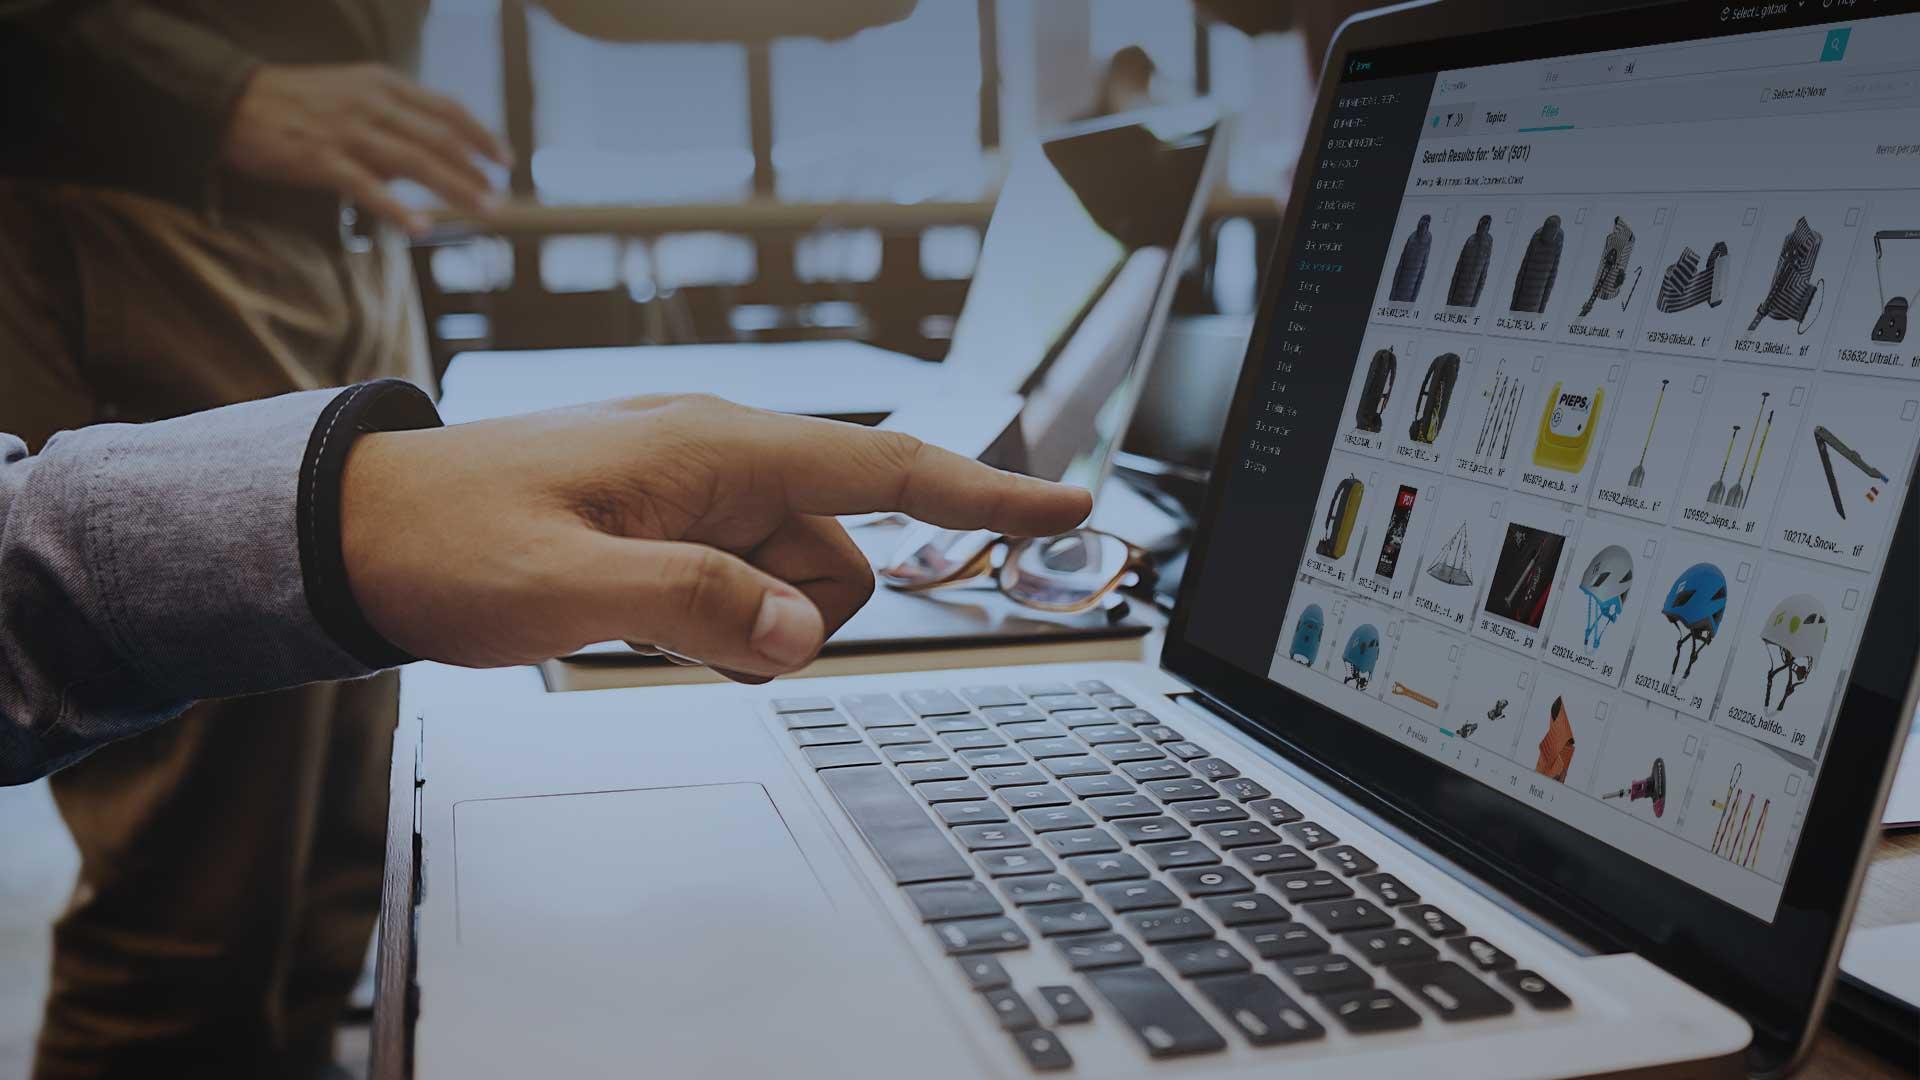 Amplifi Digital Asset Management Software